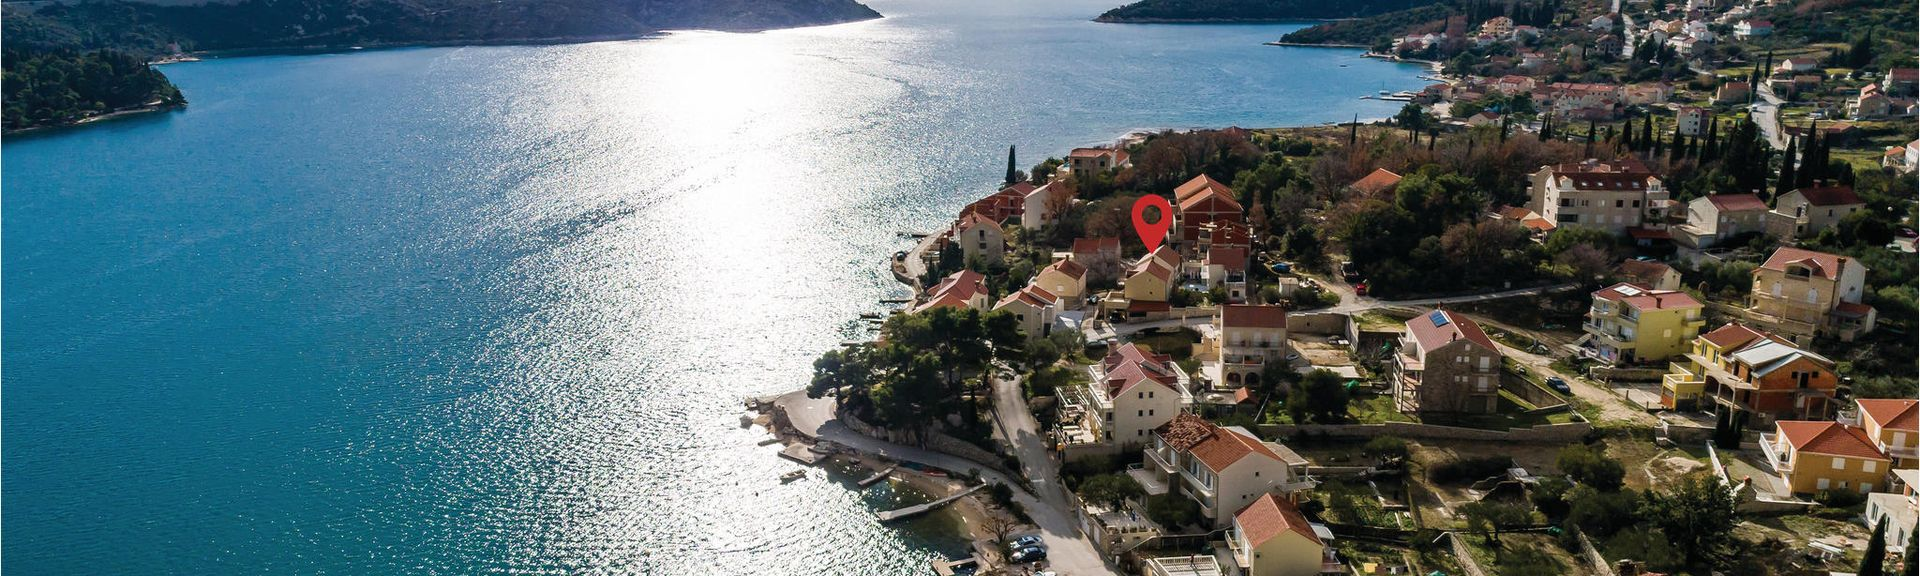 Trsteno, Dubrovnik, Dubrovnik-Neretva, Kroatia